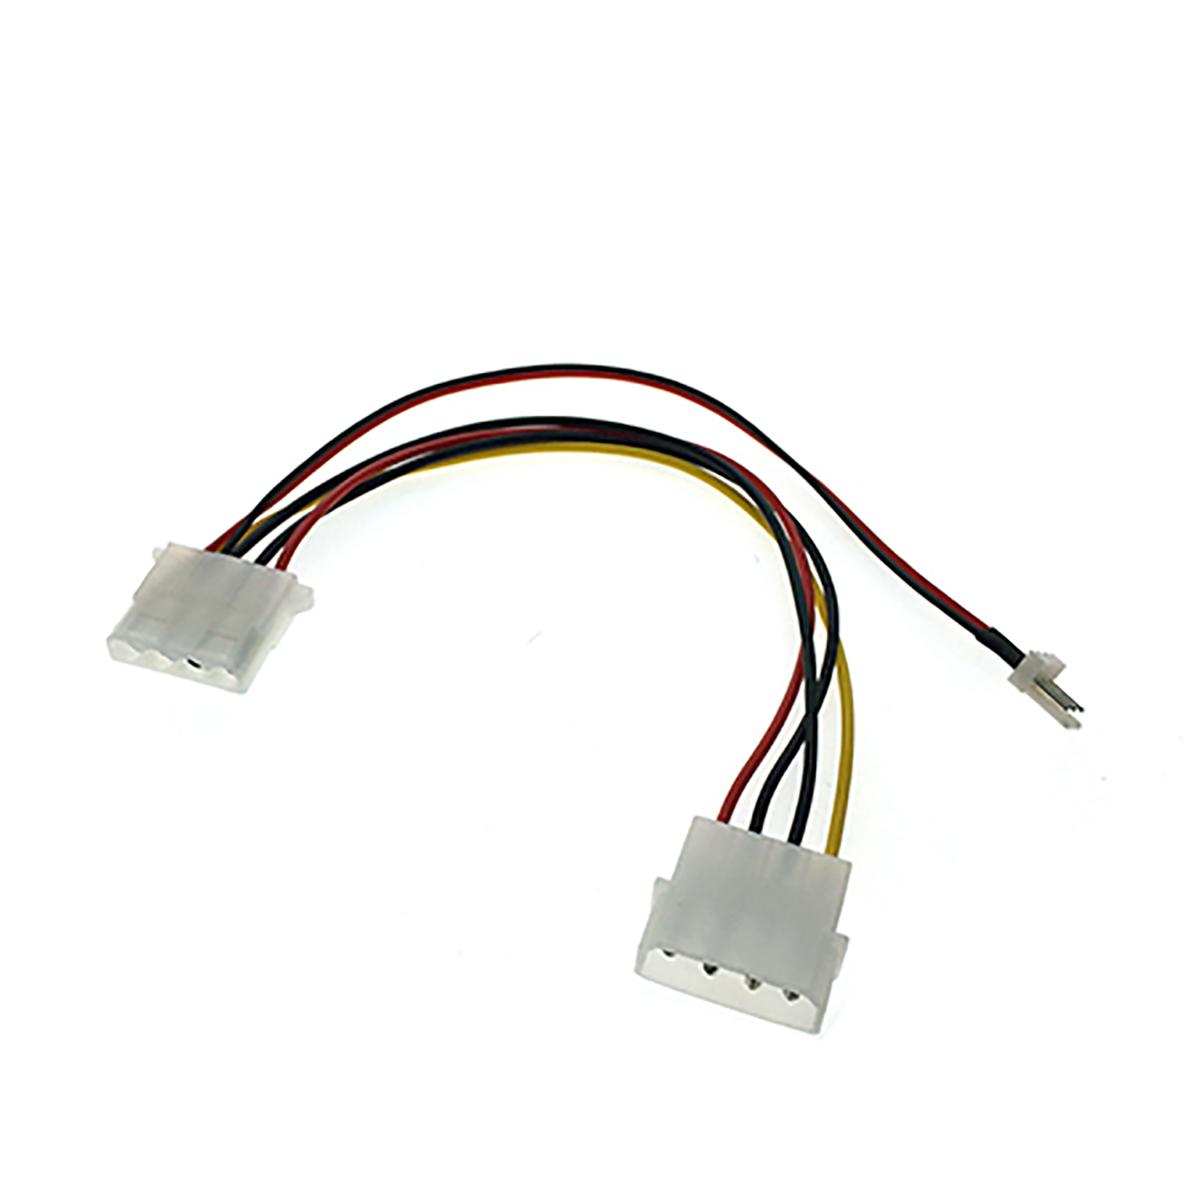 Переходник питания для вентилятора 4pin на 3pin+4pin, Espada E4pinM-3+4pin